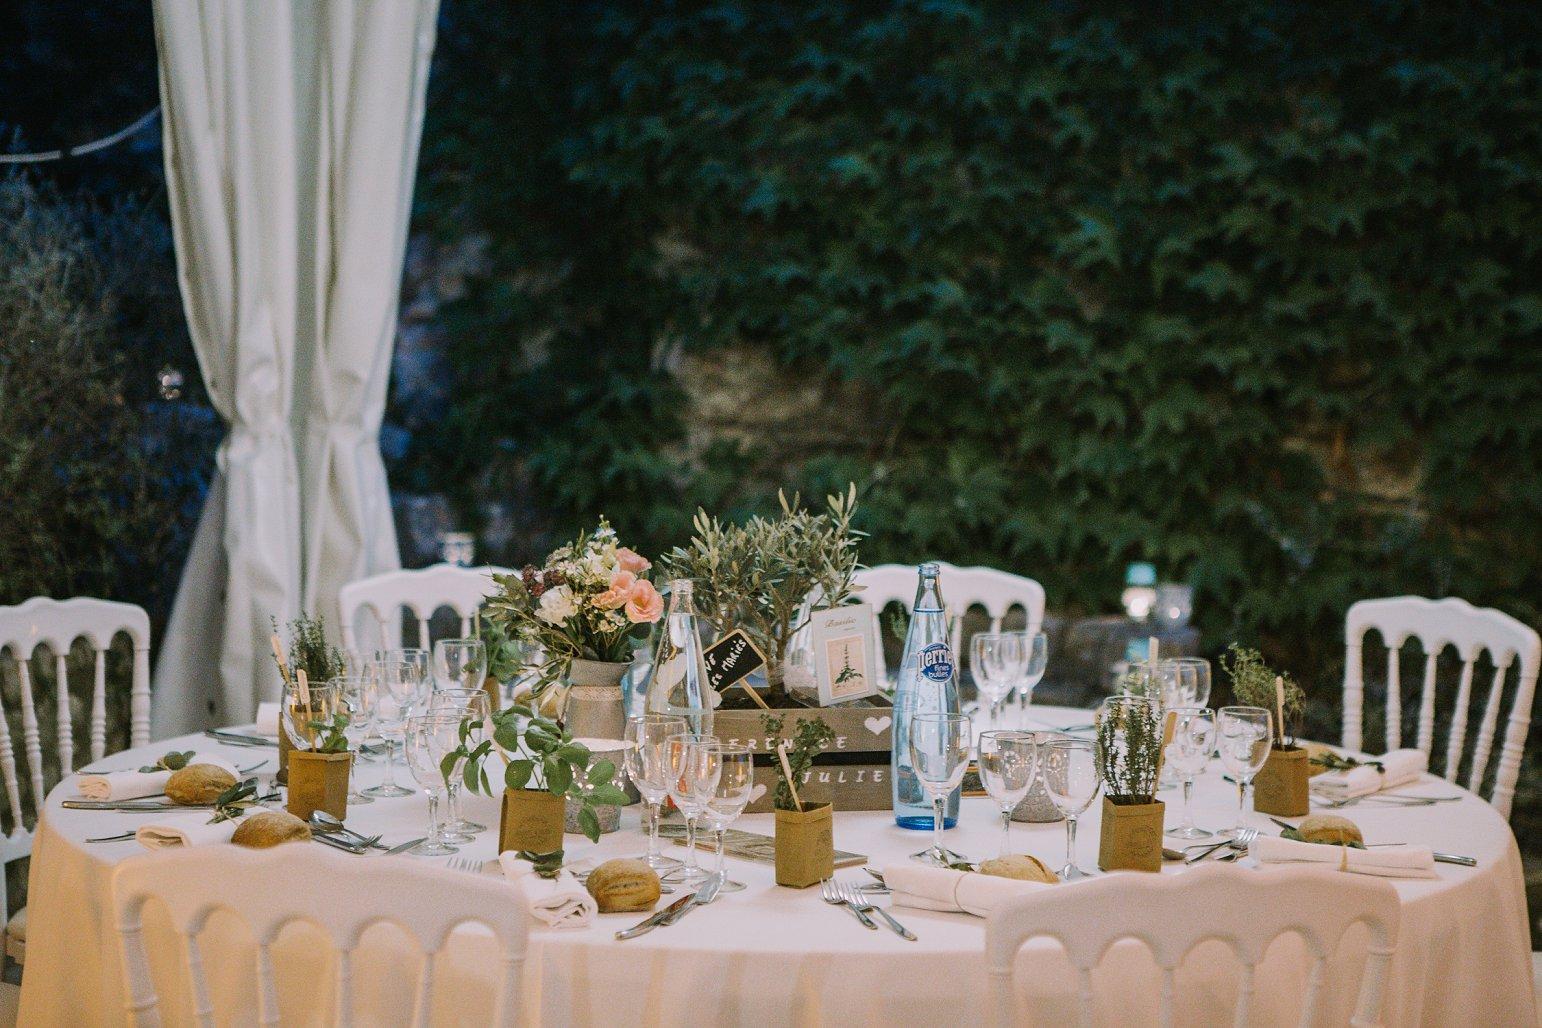 kateryna-photos-mariage-wedding-france-ardeche-domaine-clos-hullias-Saint-Christol-de-Rodière-gard-cevennes_0234.jpg